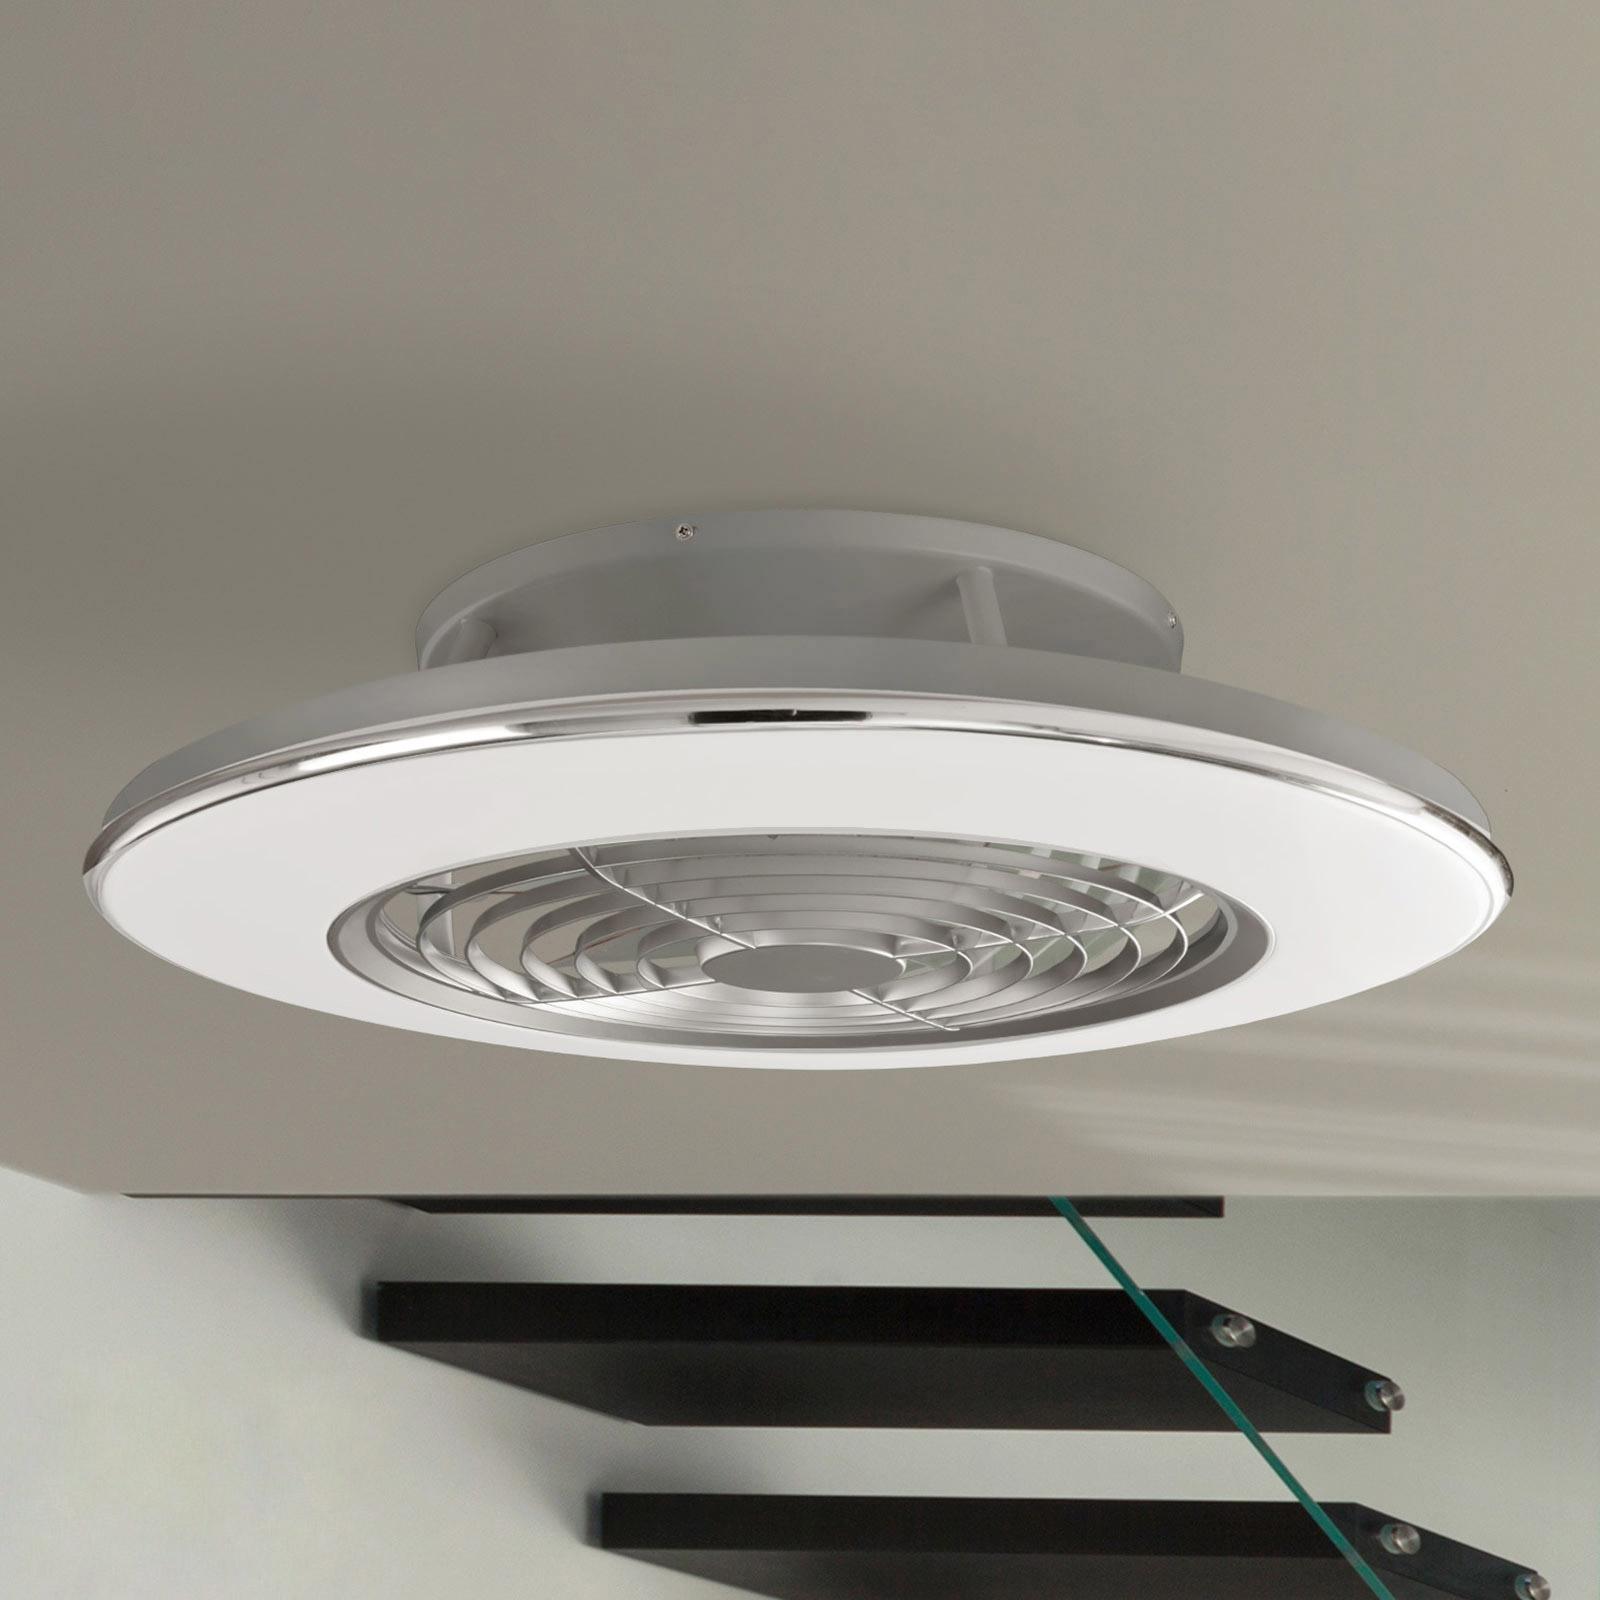 Deckenventilator Alisio, LED, App-steuerbar, chrom